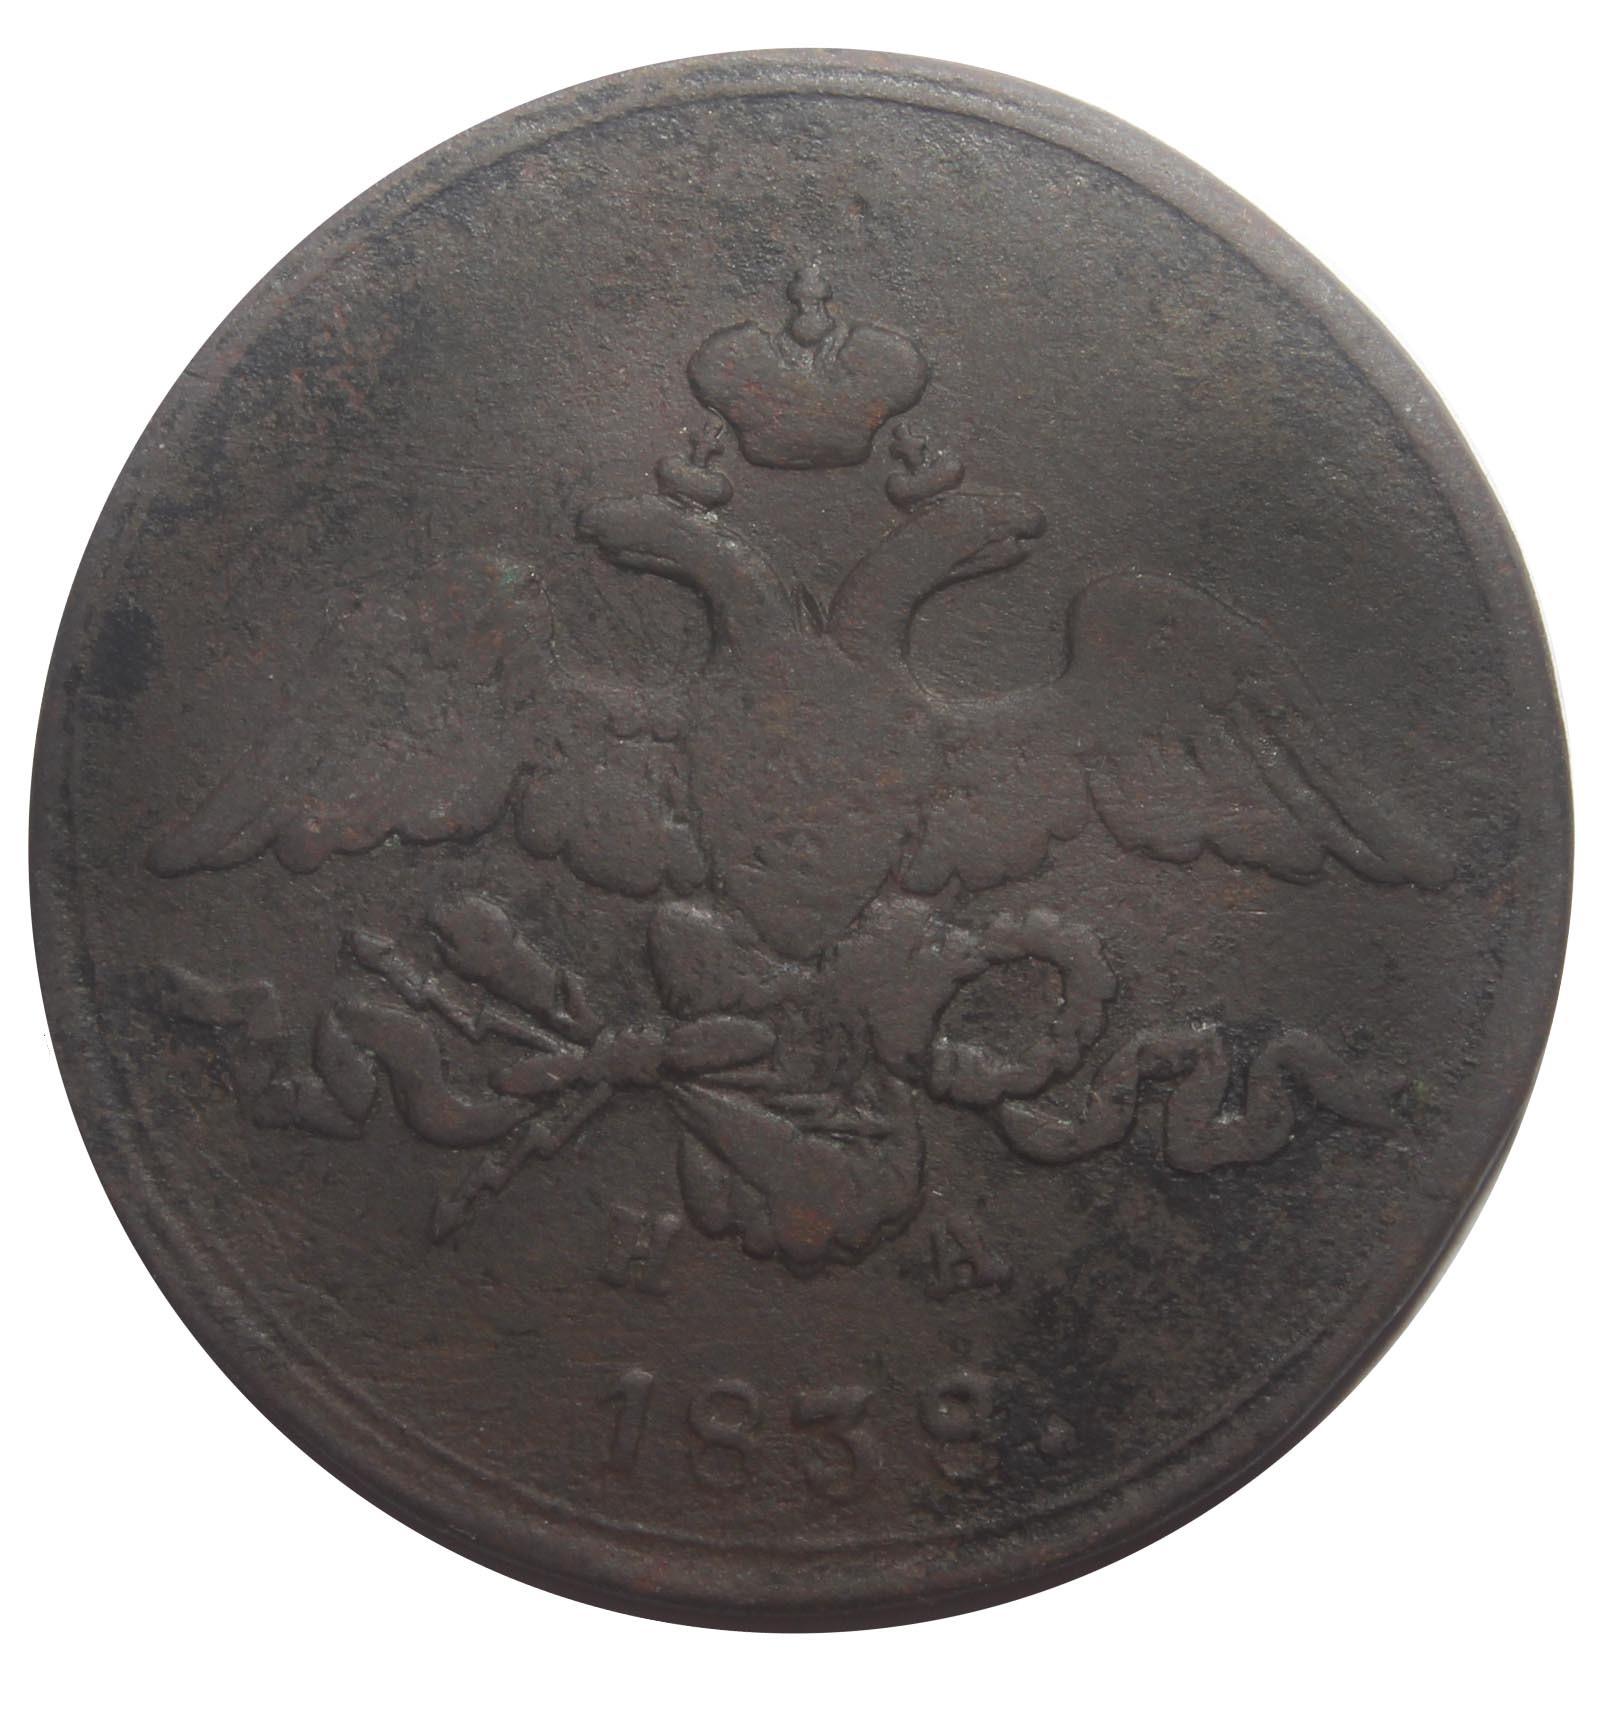 2 копейки. Николай I. ЕМ-НА. 1838 год F-